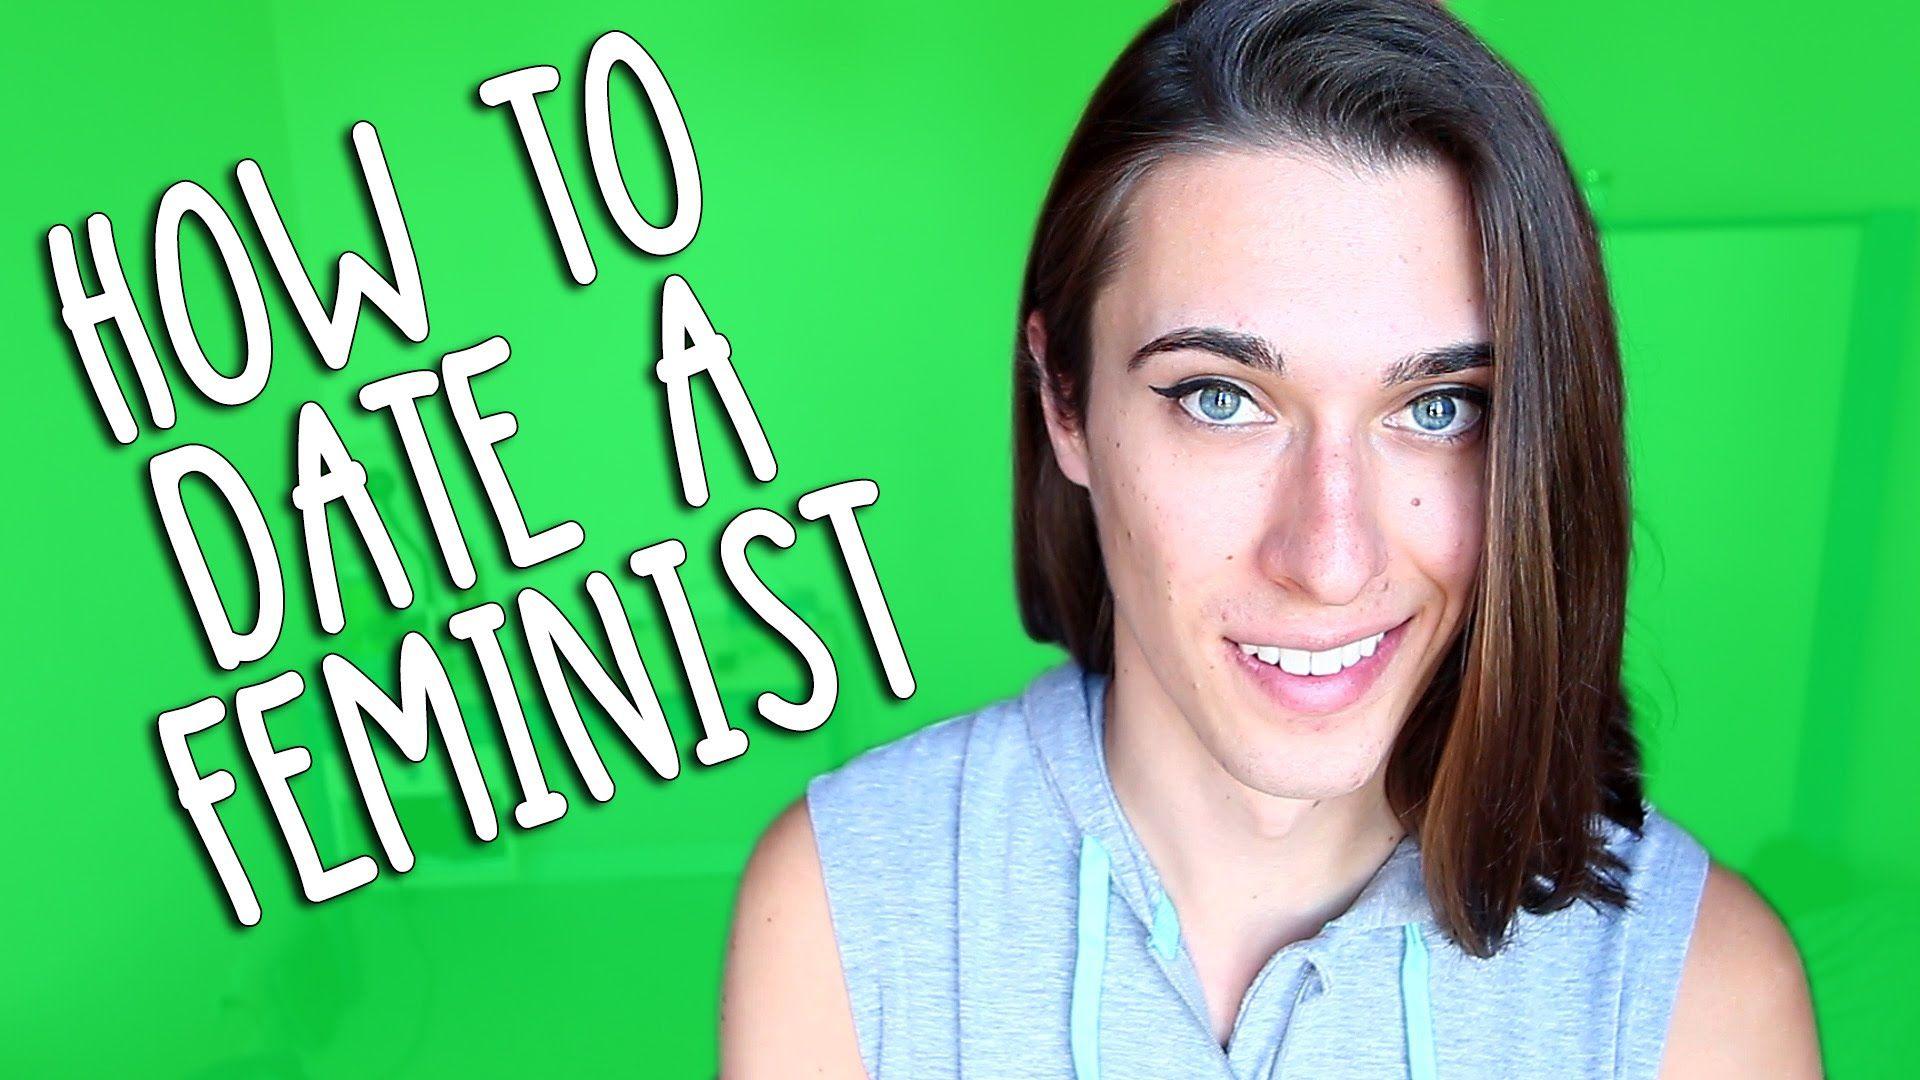 Feministisk dating